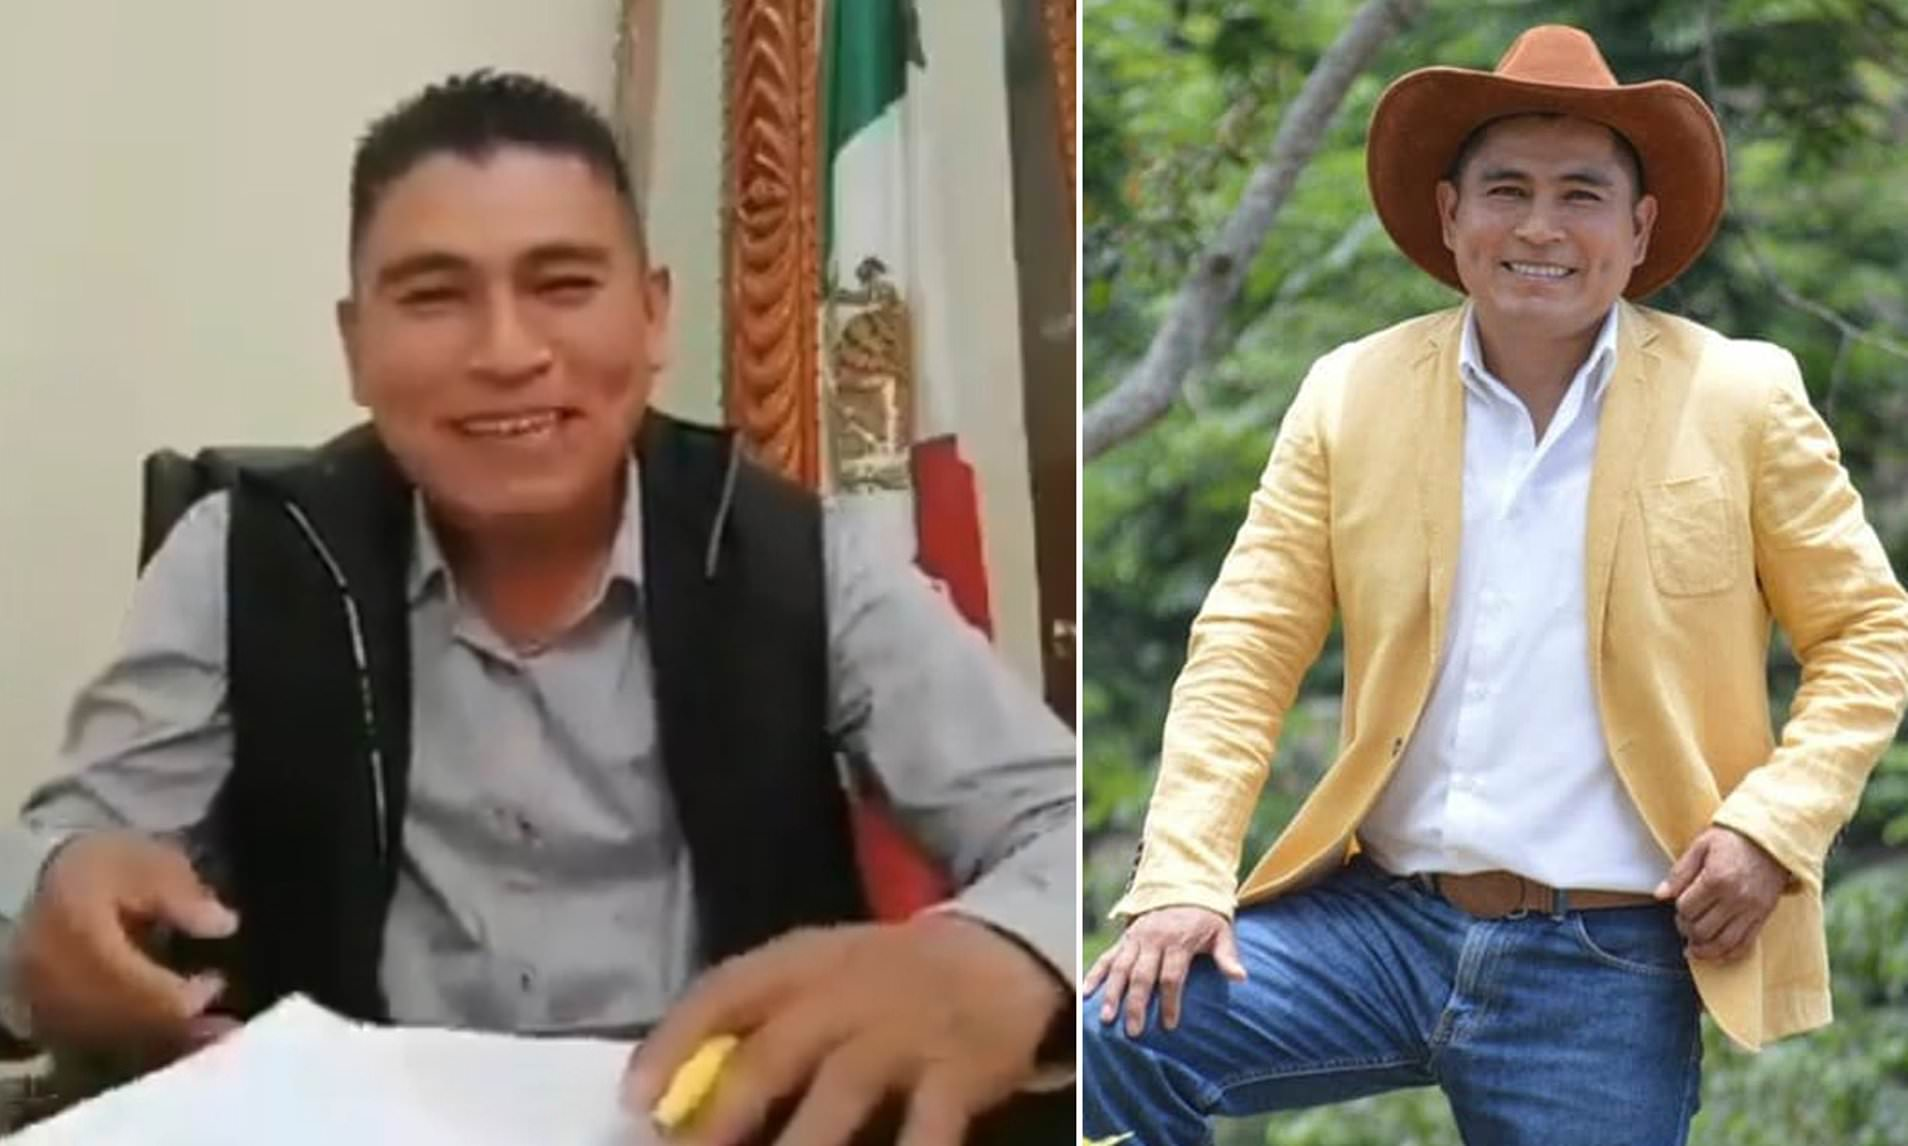 Alcalde de Veracruz recomienda hacer el amor para evitar contagiarse por COVID-19